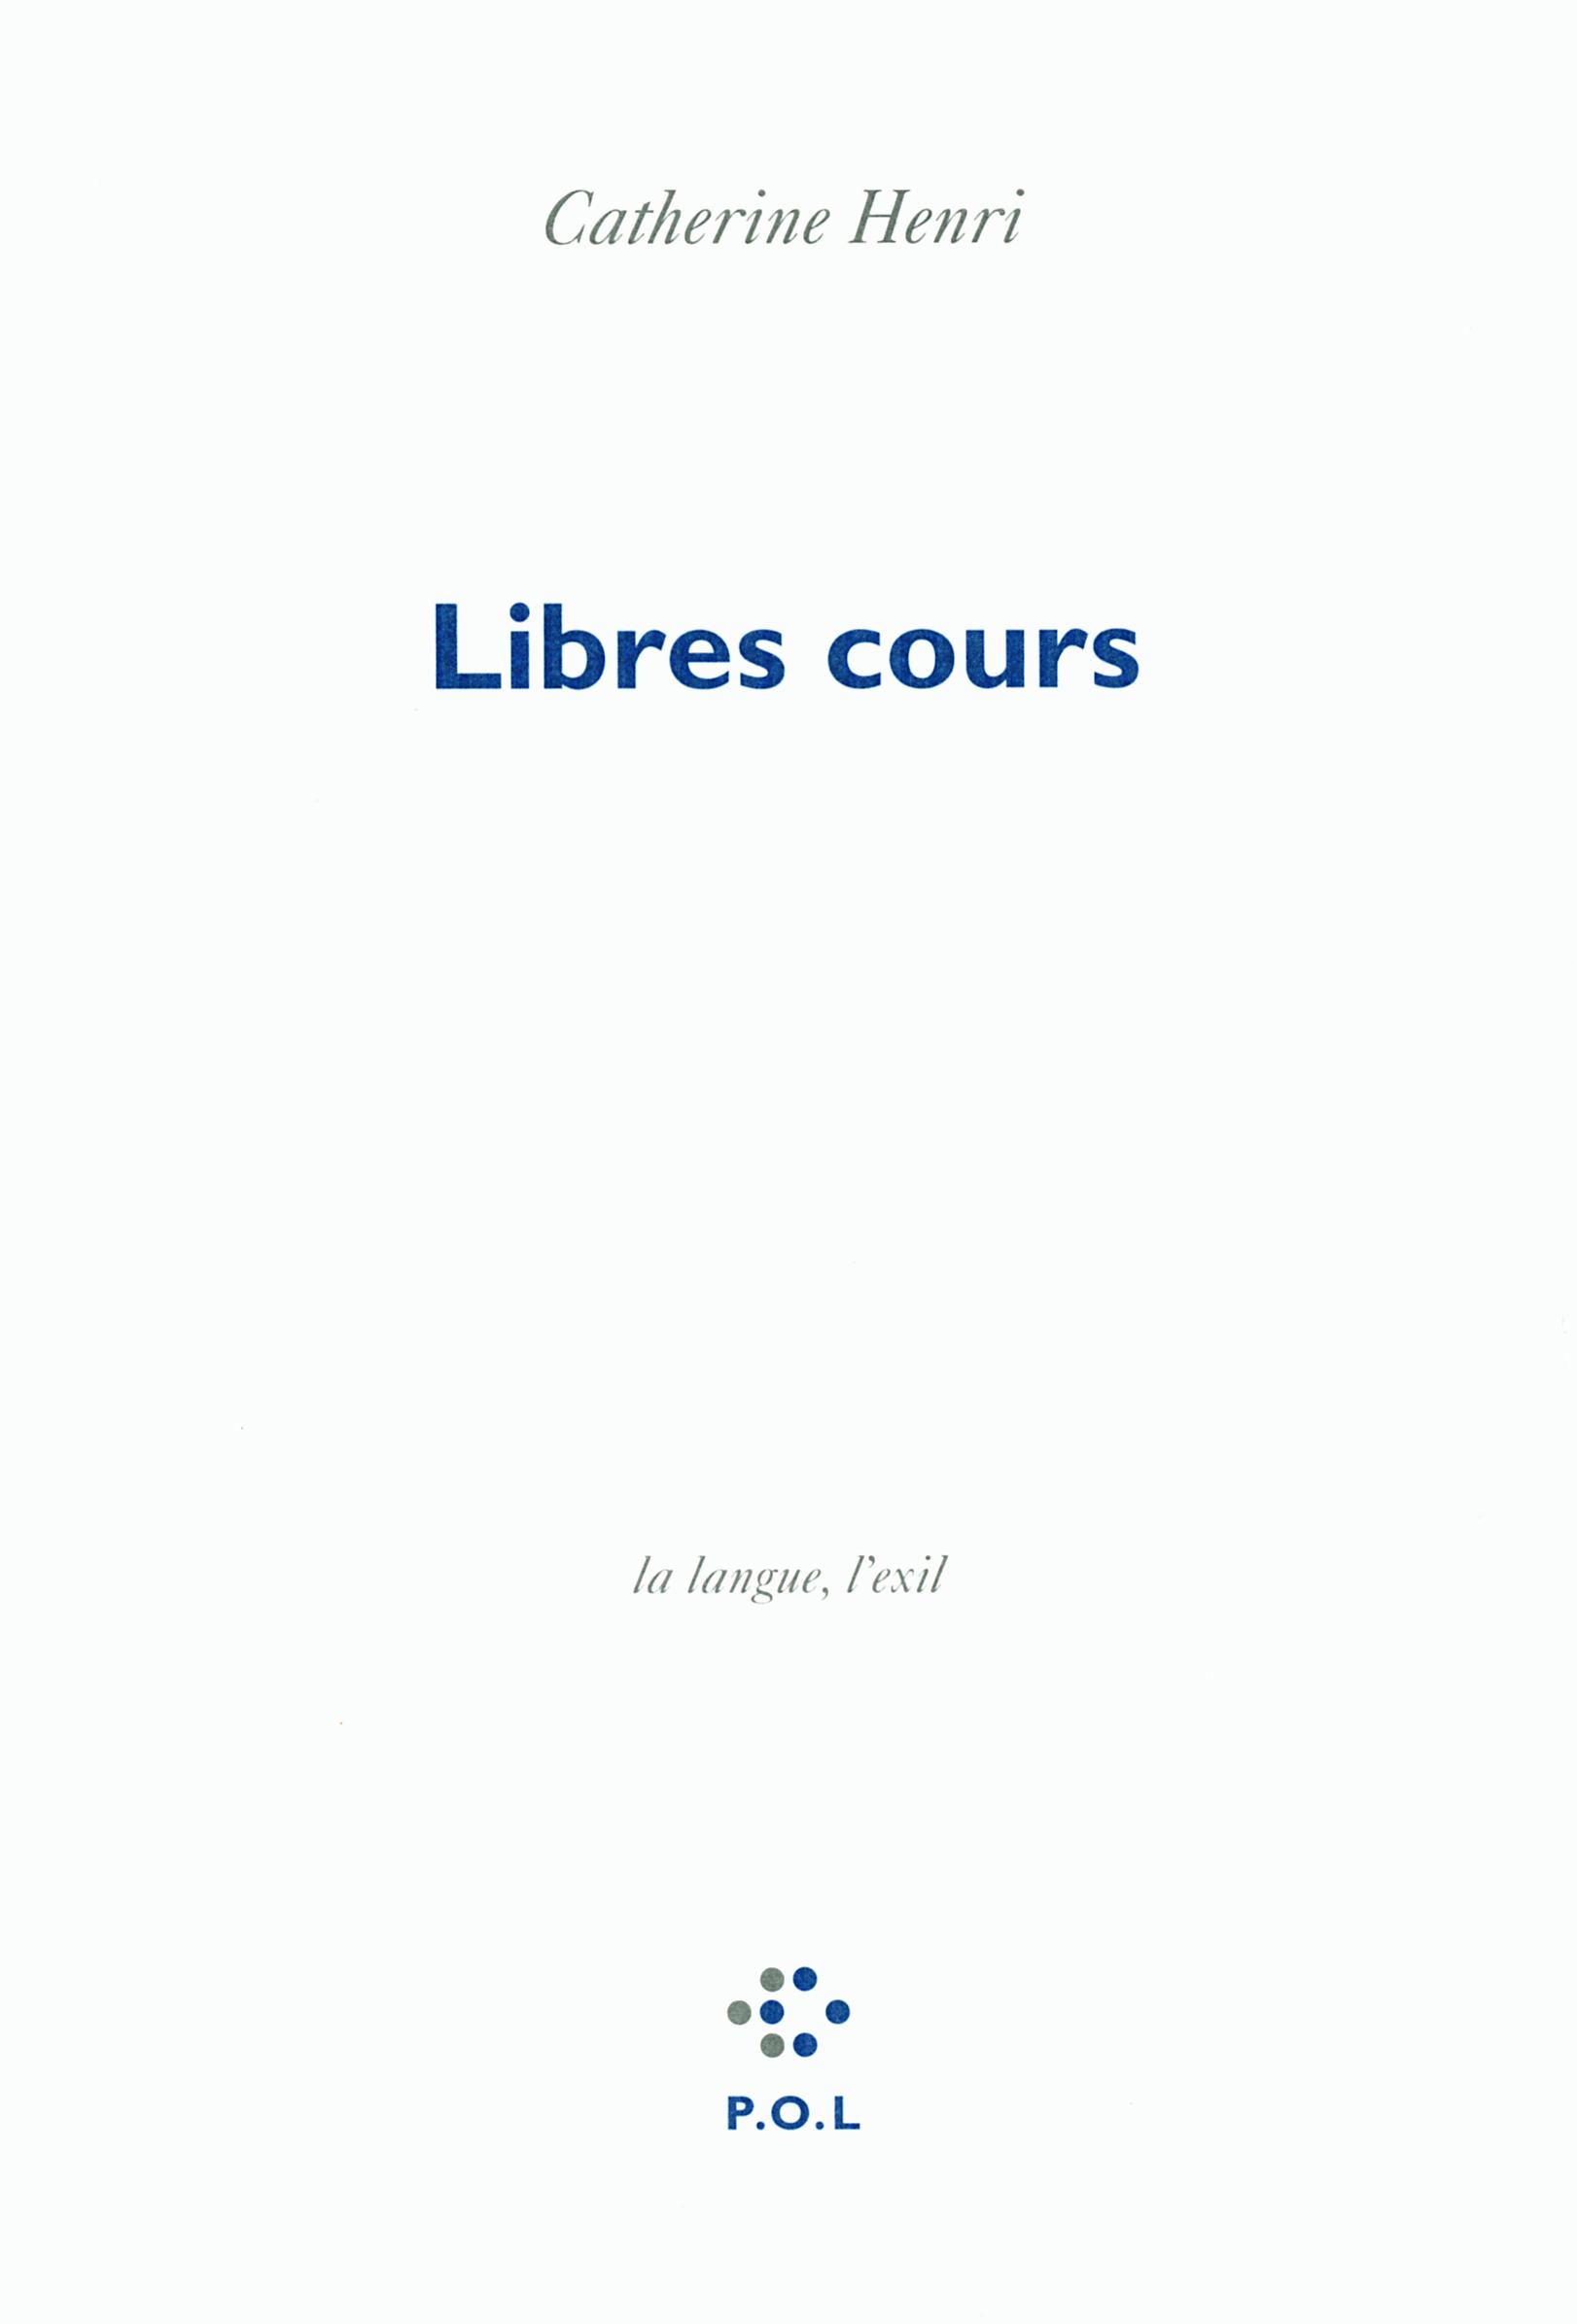 LIBRES COURS LA LANGUE L'EXIL